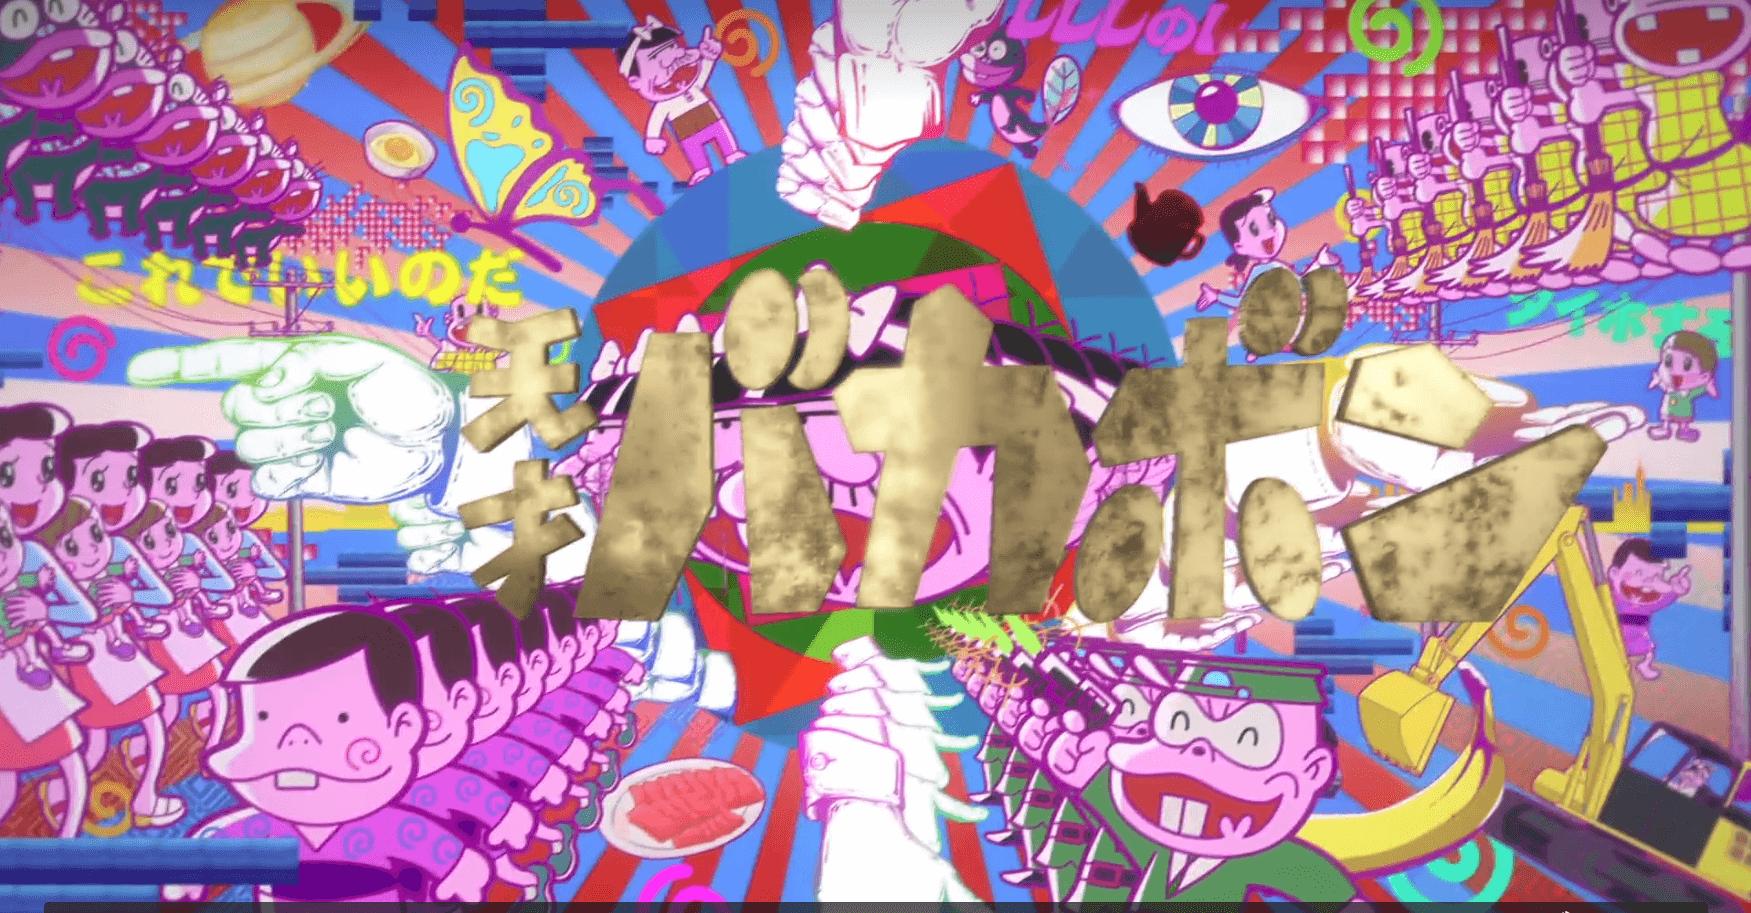 【2018年夏アニメ】「深夜!天才バカボン」過激になって帰ってきた!動画配信サービス(VOD)まとめ